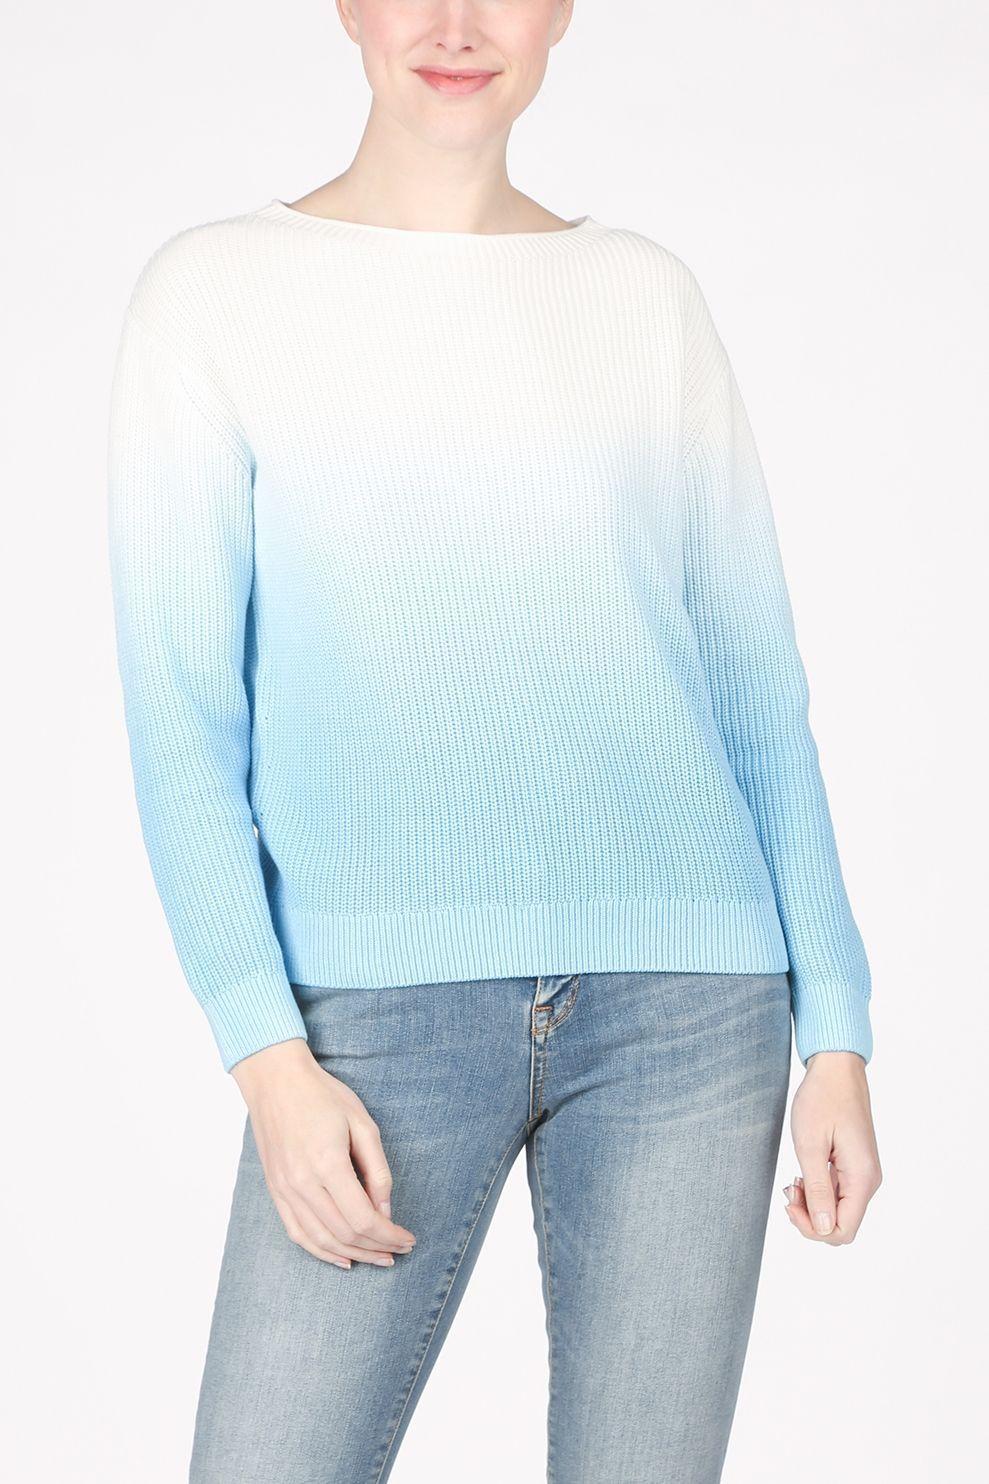 Tom Tailor Trui 1024580 voor dames - Blauw/Wit - Maten: XS, S, M, L, XL